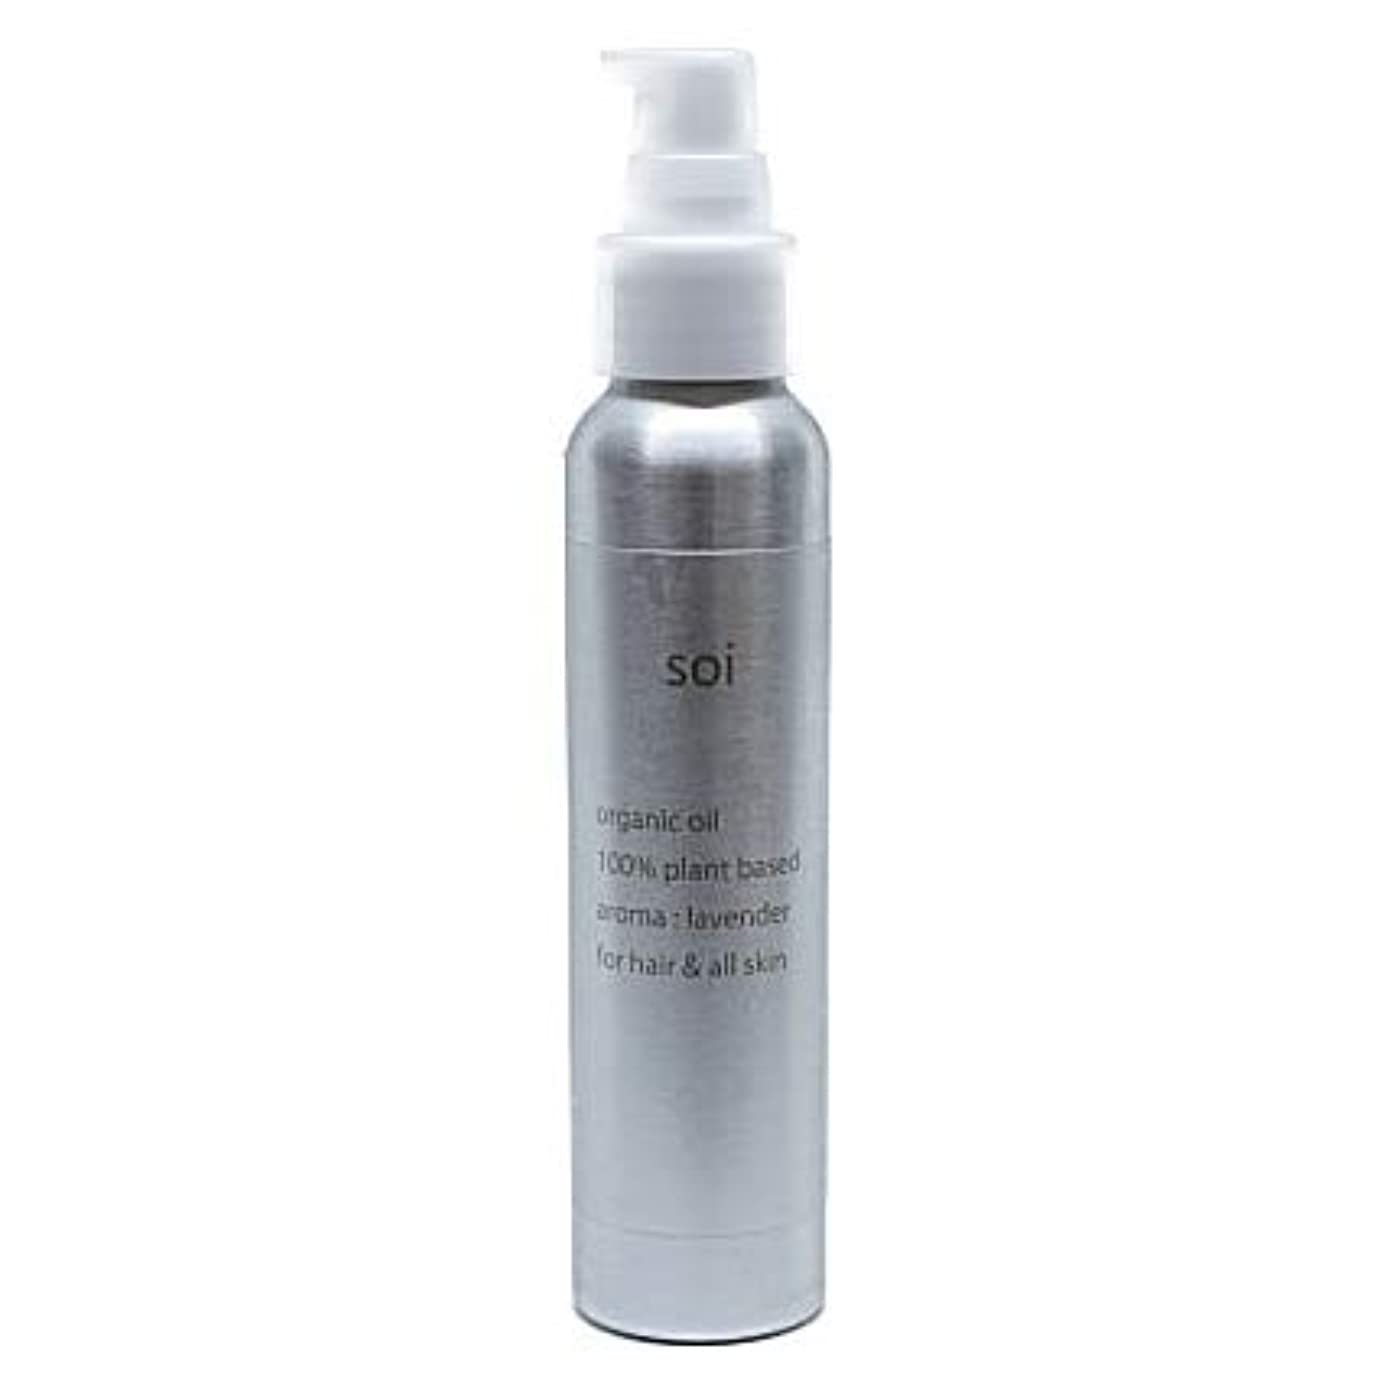 好みシェアなぞらえるsoioil/ソイオイル オーガニックオイル【濡れ感×自然な束感】濡れ髪風仕上げにおすすめ